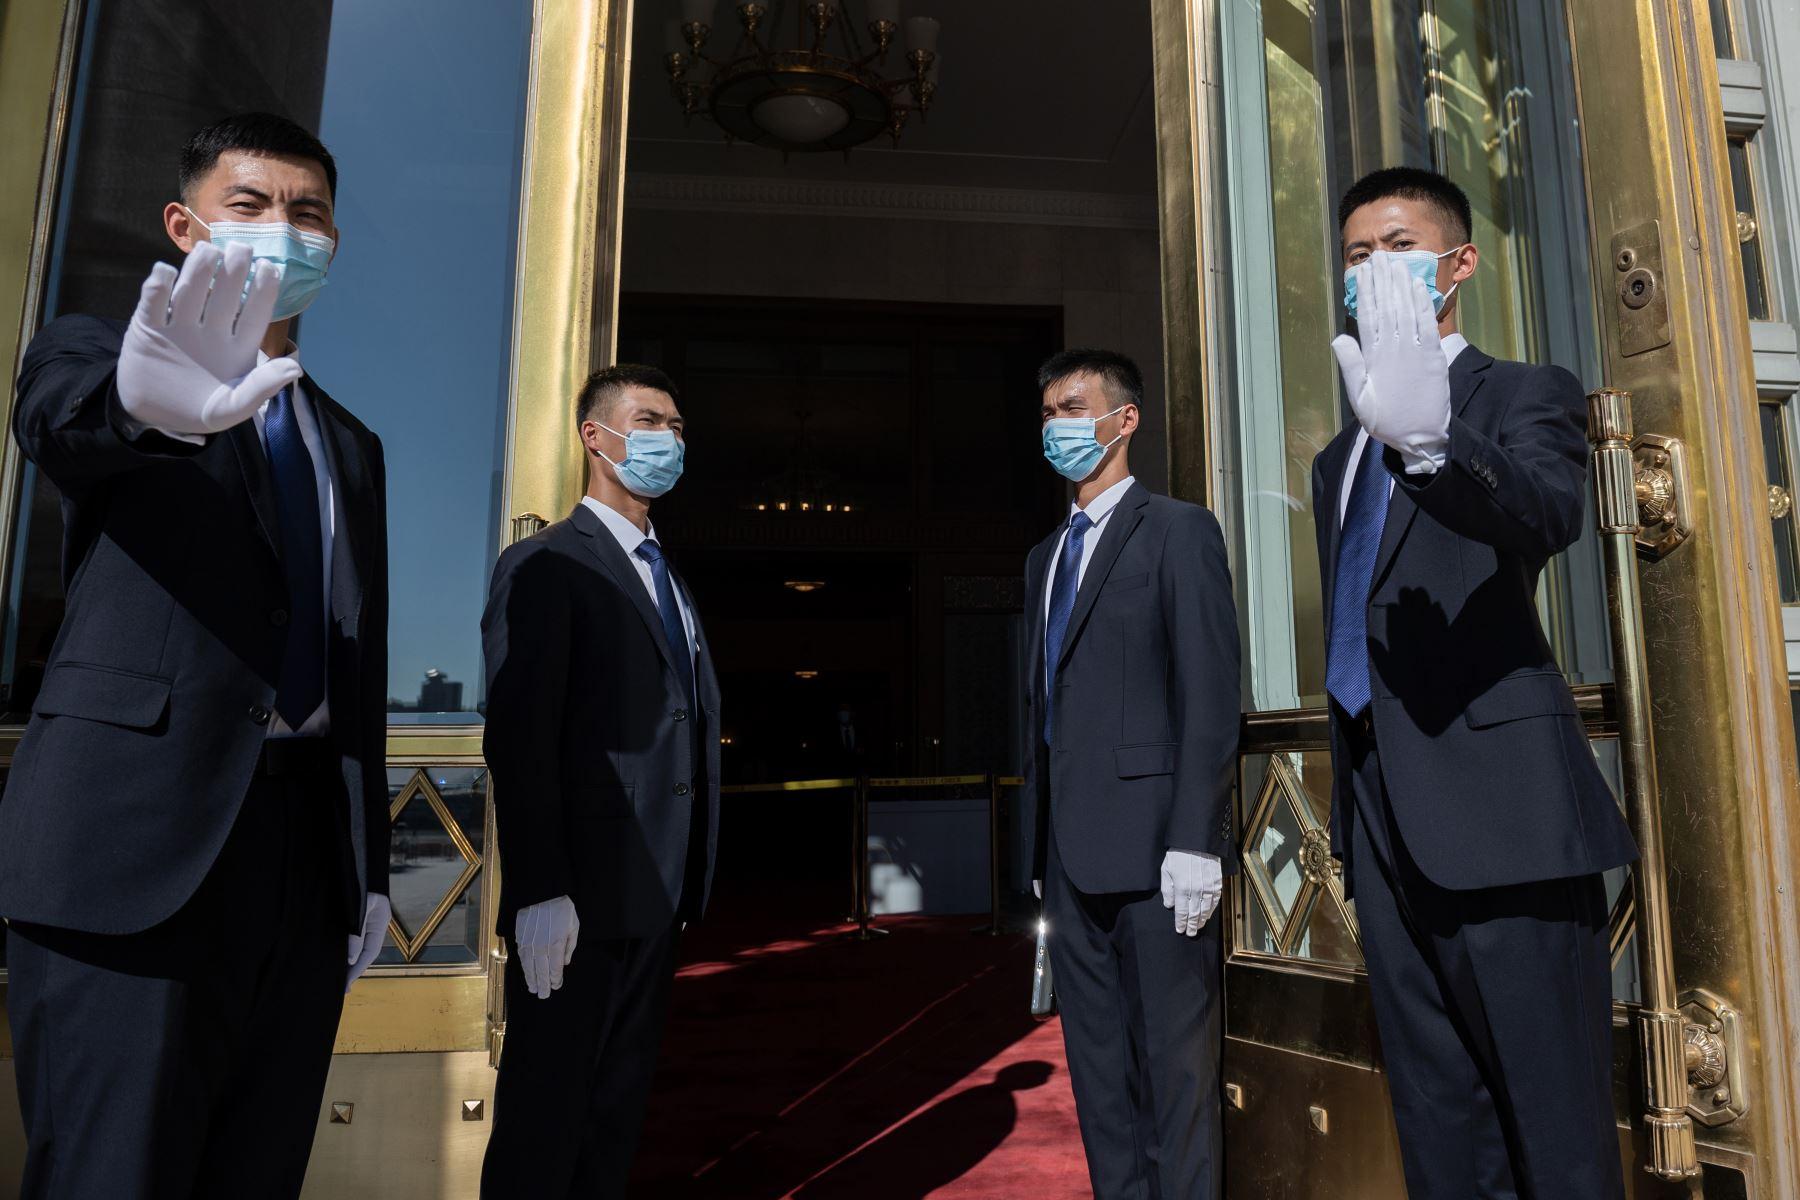 El personal de seguridad se para fuera del Gran Salón del Pueblo, donde realizan una ceremonia en honor a las personas que lucharon contra la pandemia del coronavirus, en Beijing. Foto: AFP